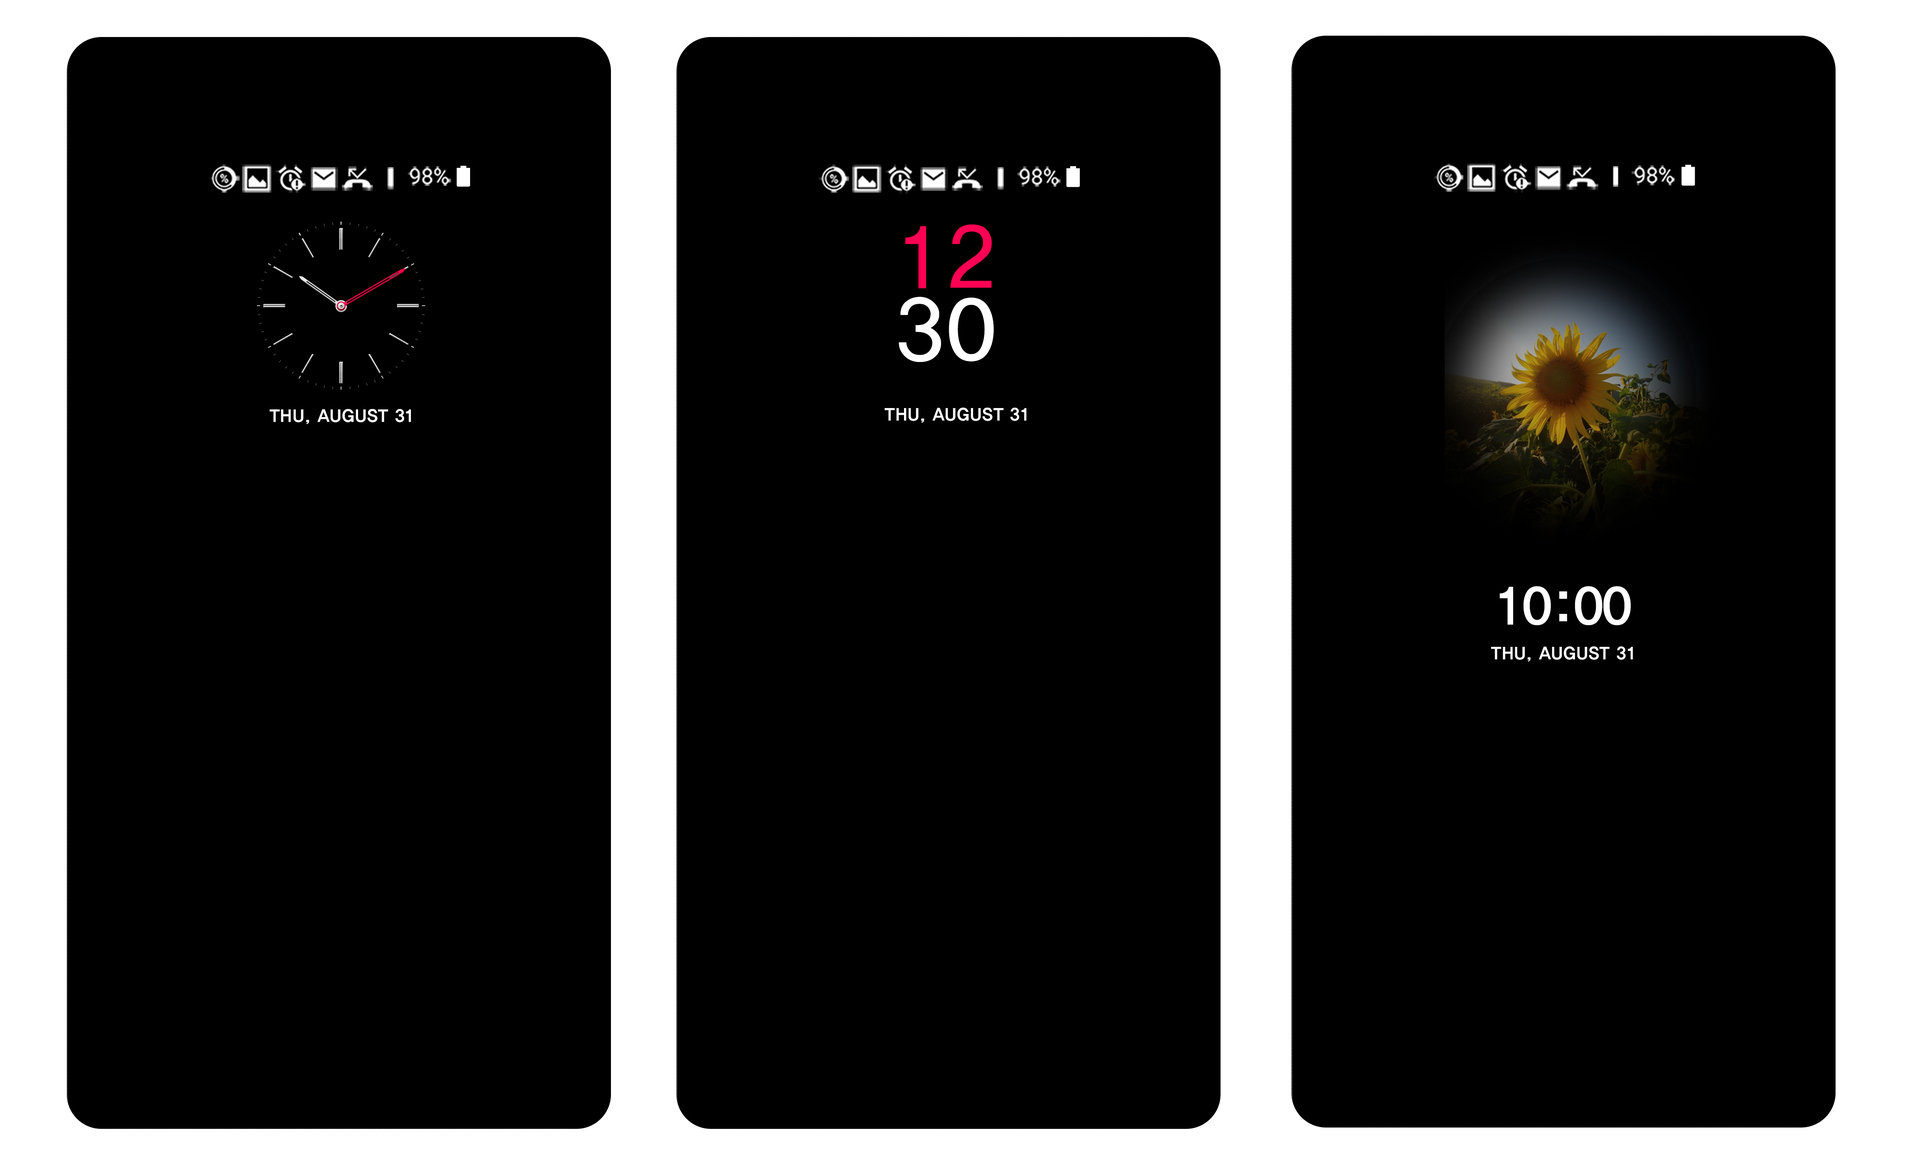 Udoskonalony interfejs UX 6.0+ w nowym LG V30 to większa personalizacja dla maksymalnej wygody